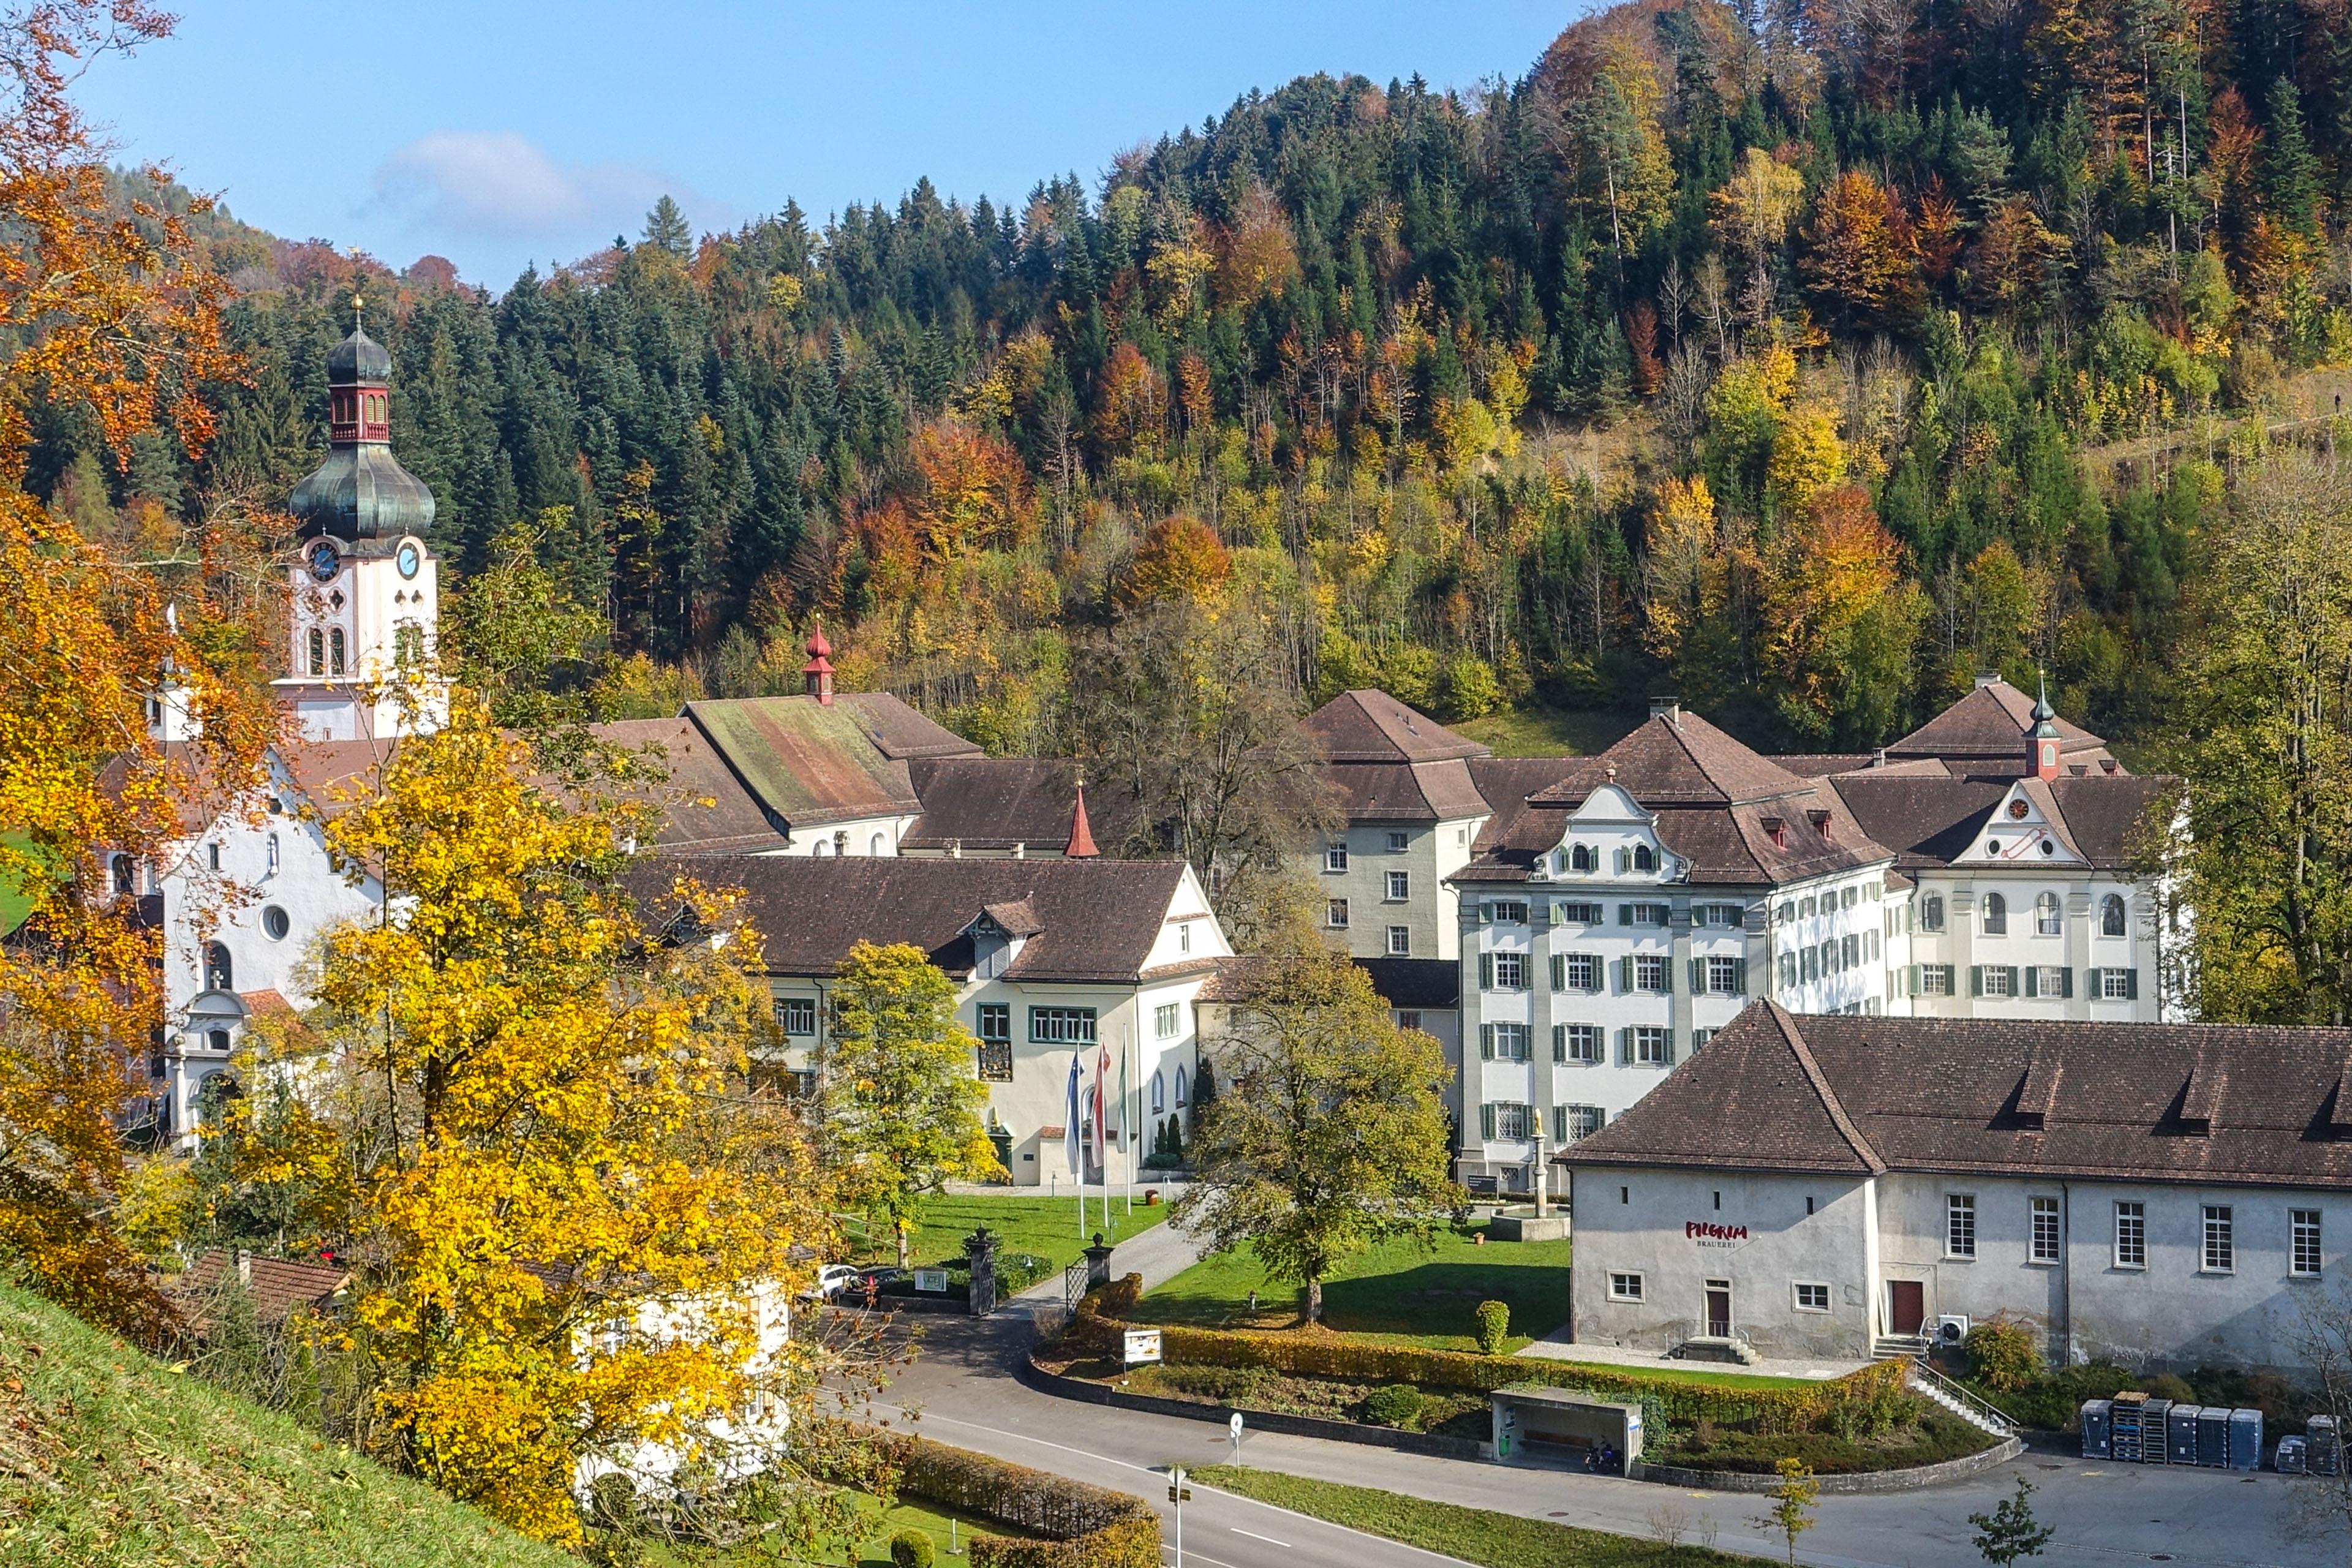 Barocke Klosteranlage Fischingen mit PILGRIM Brauerei